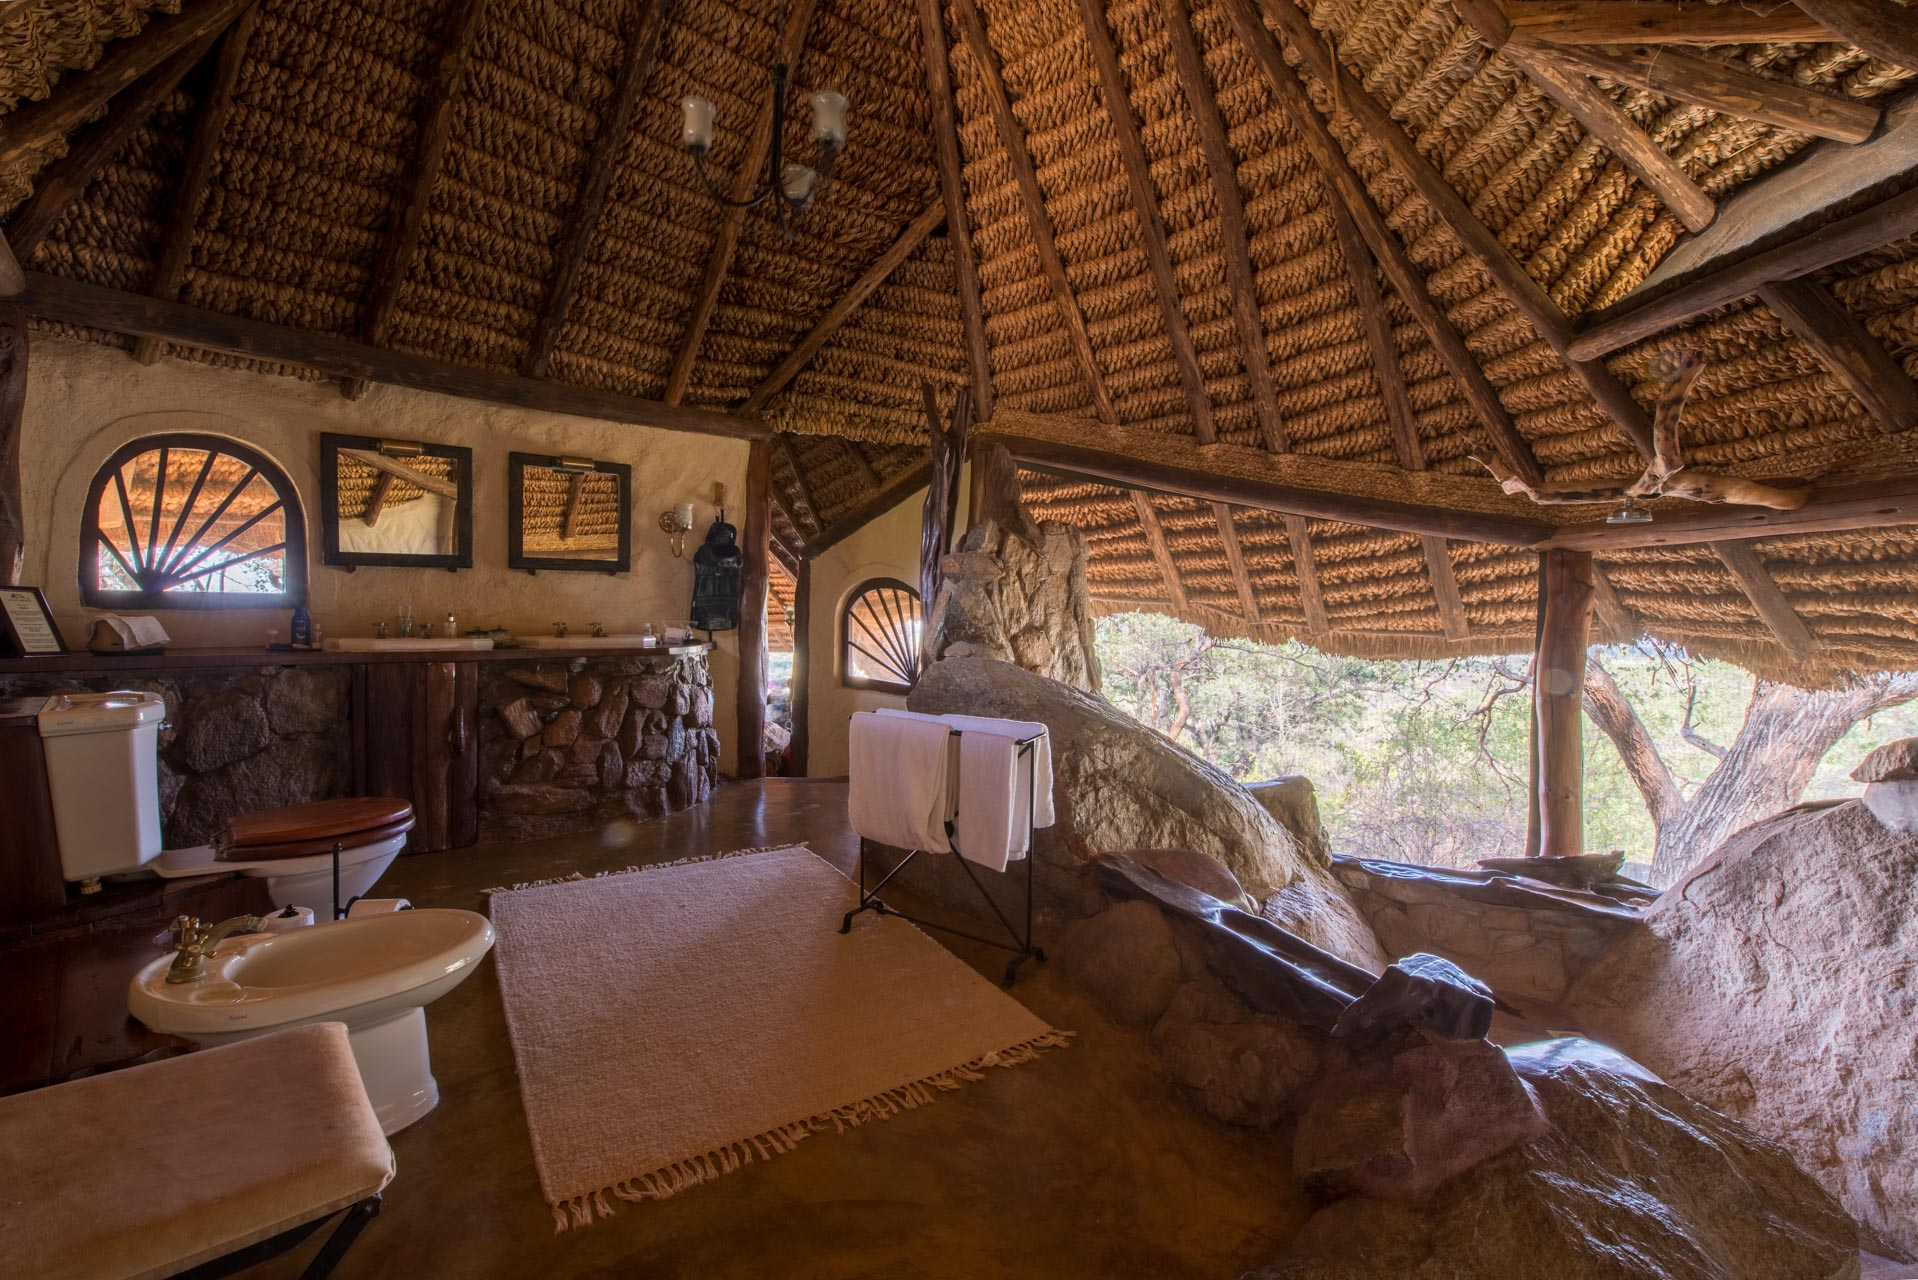 Meru-Nationalpark-Brettle_Globetrotter-Select5